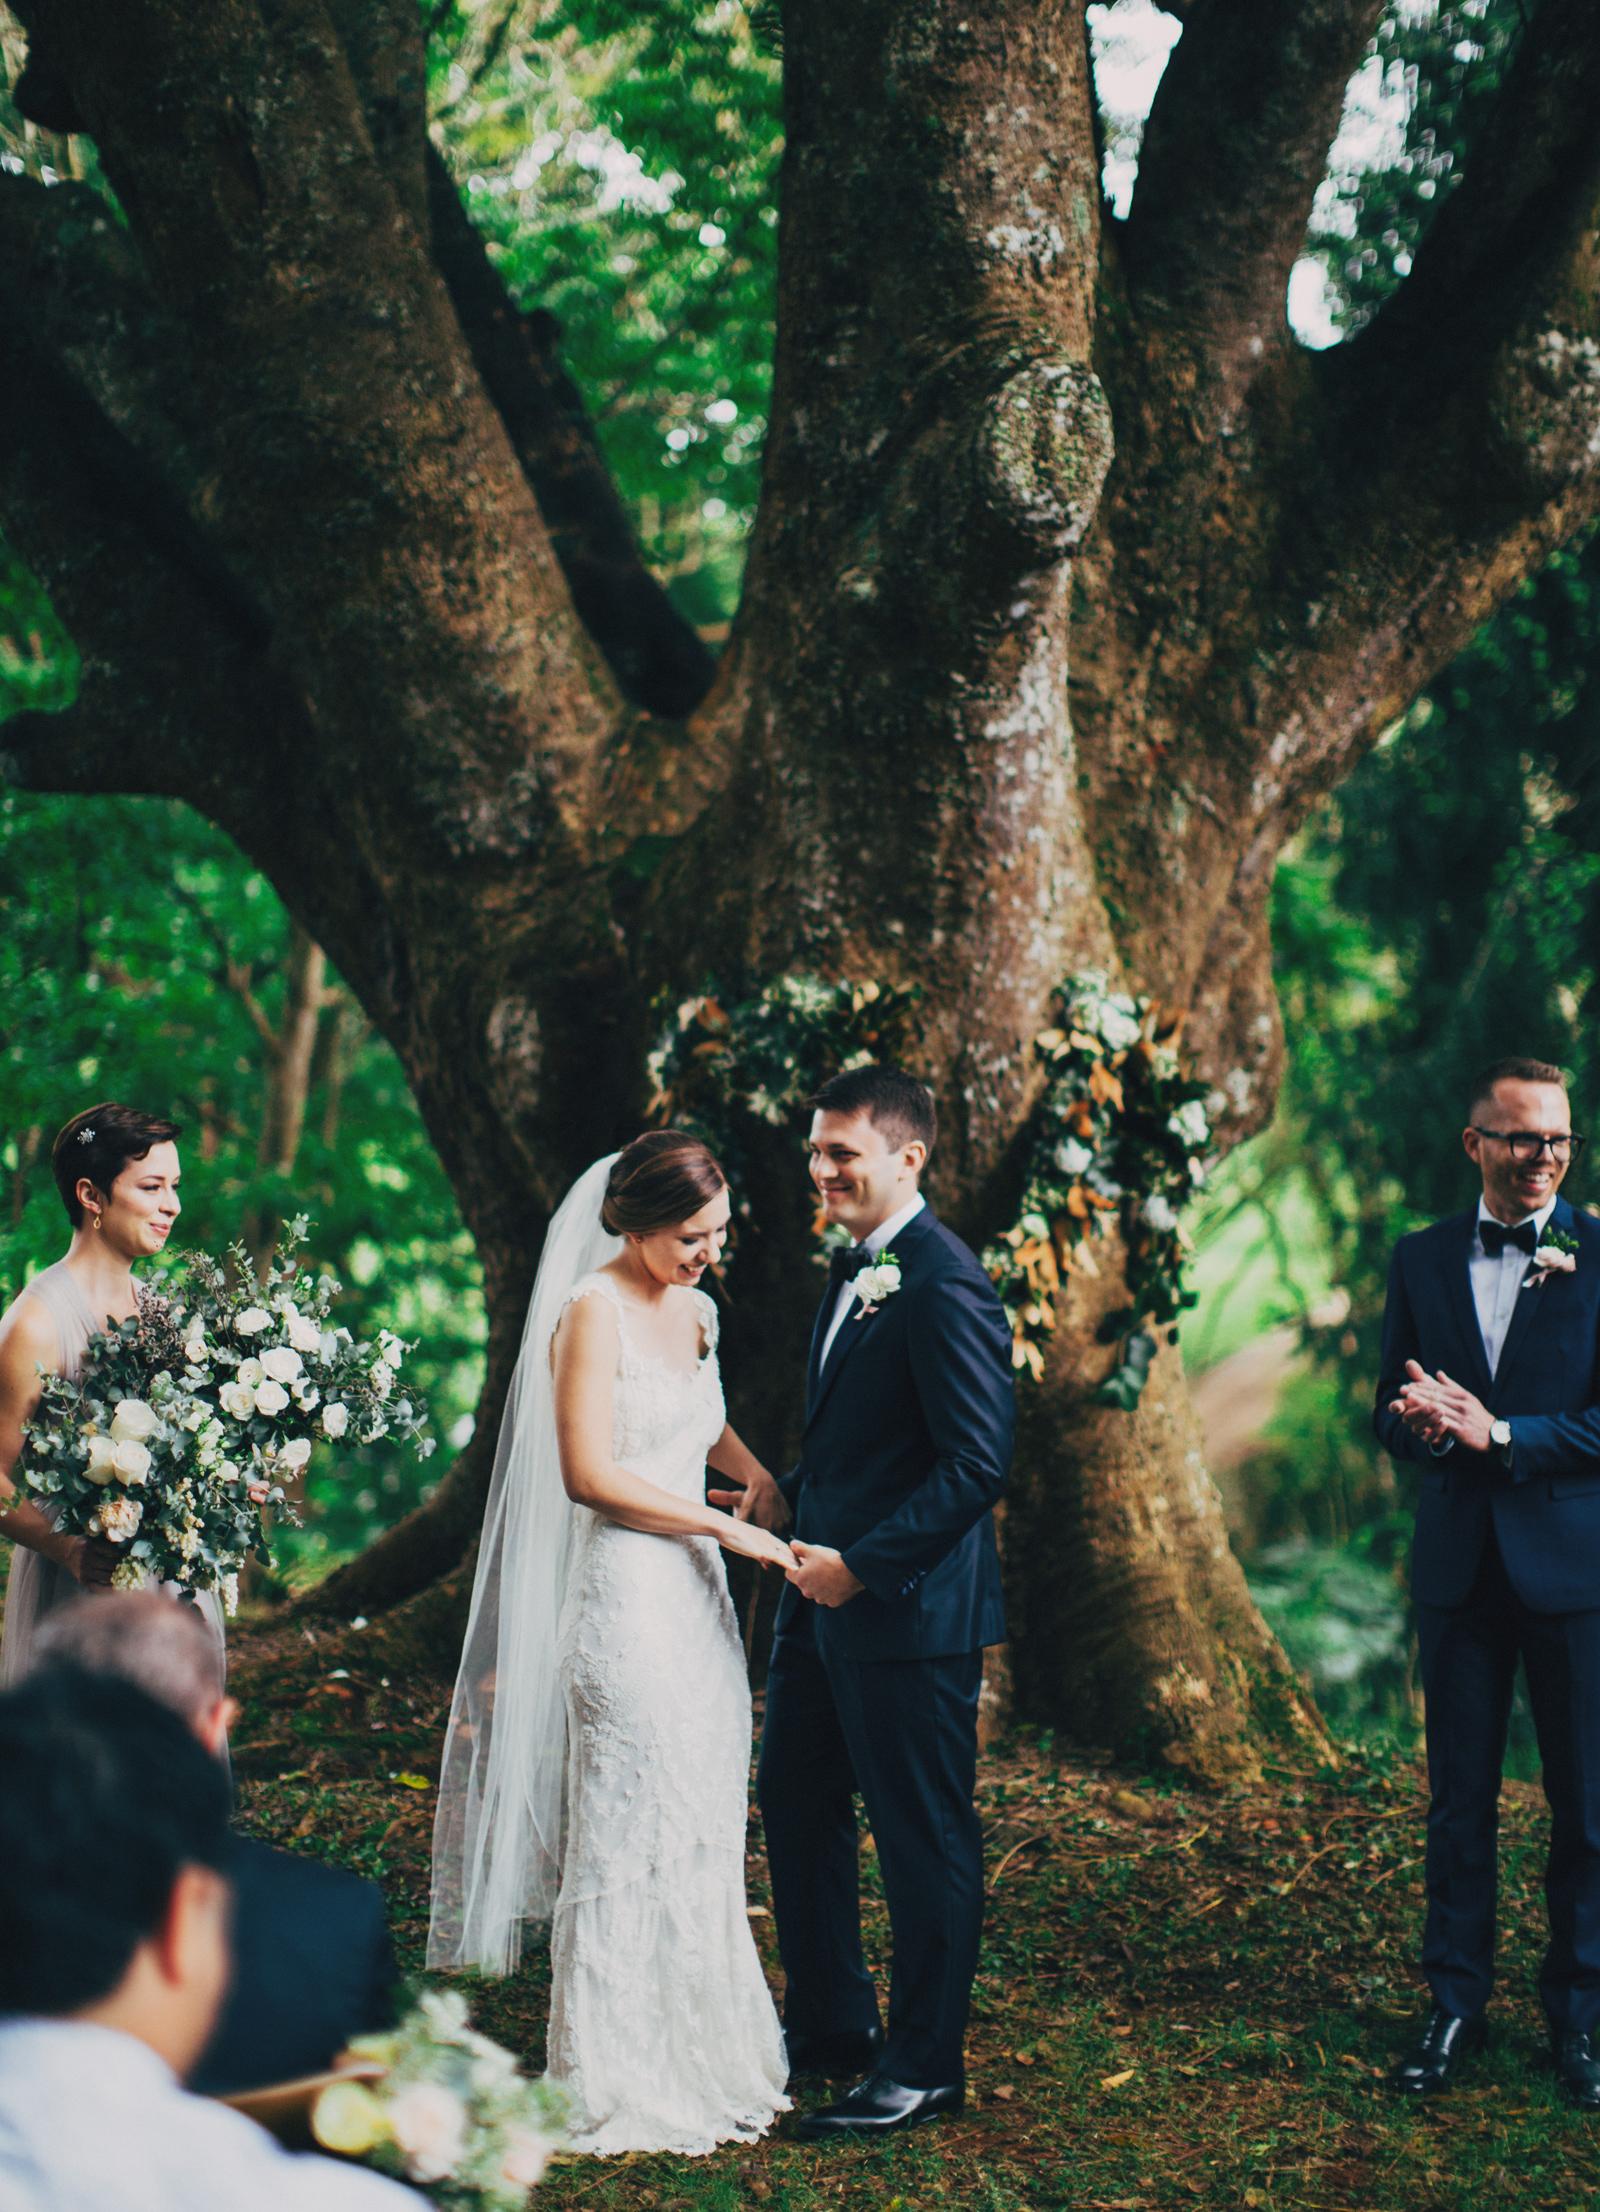 Hilary-&-Darren-Married---0340